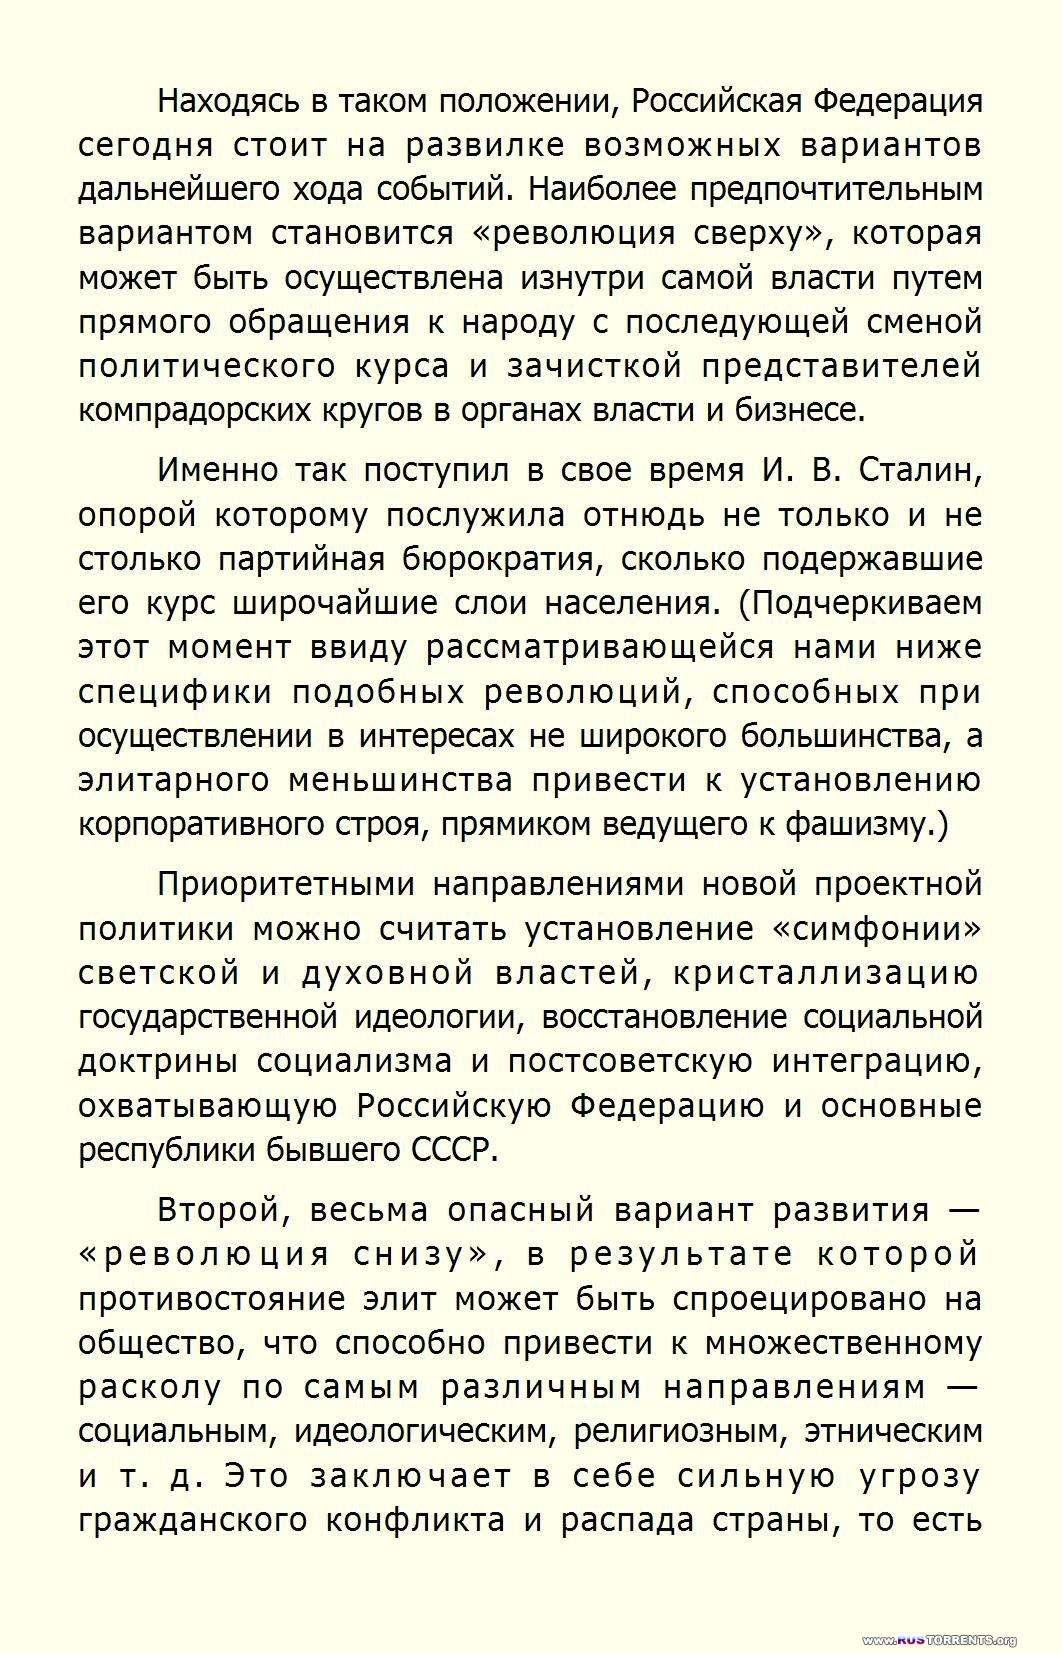 Владимир Павленко | Мифы «устойчивого развития». «Глобальное потепление» или «ползучий» глобальный переворот? | FB2